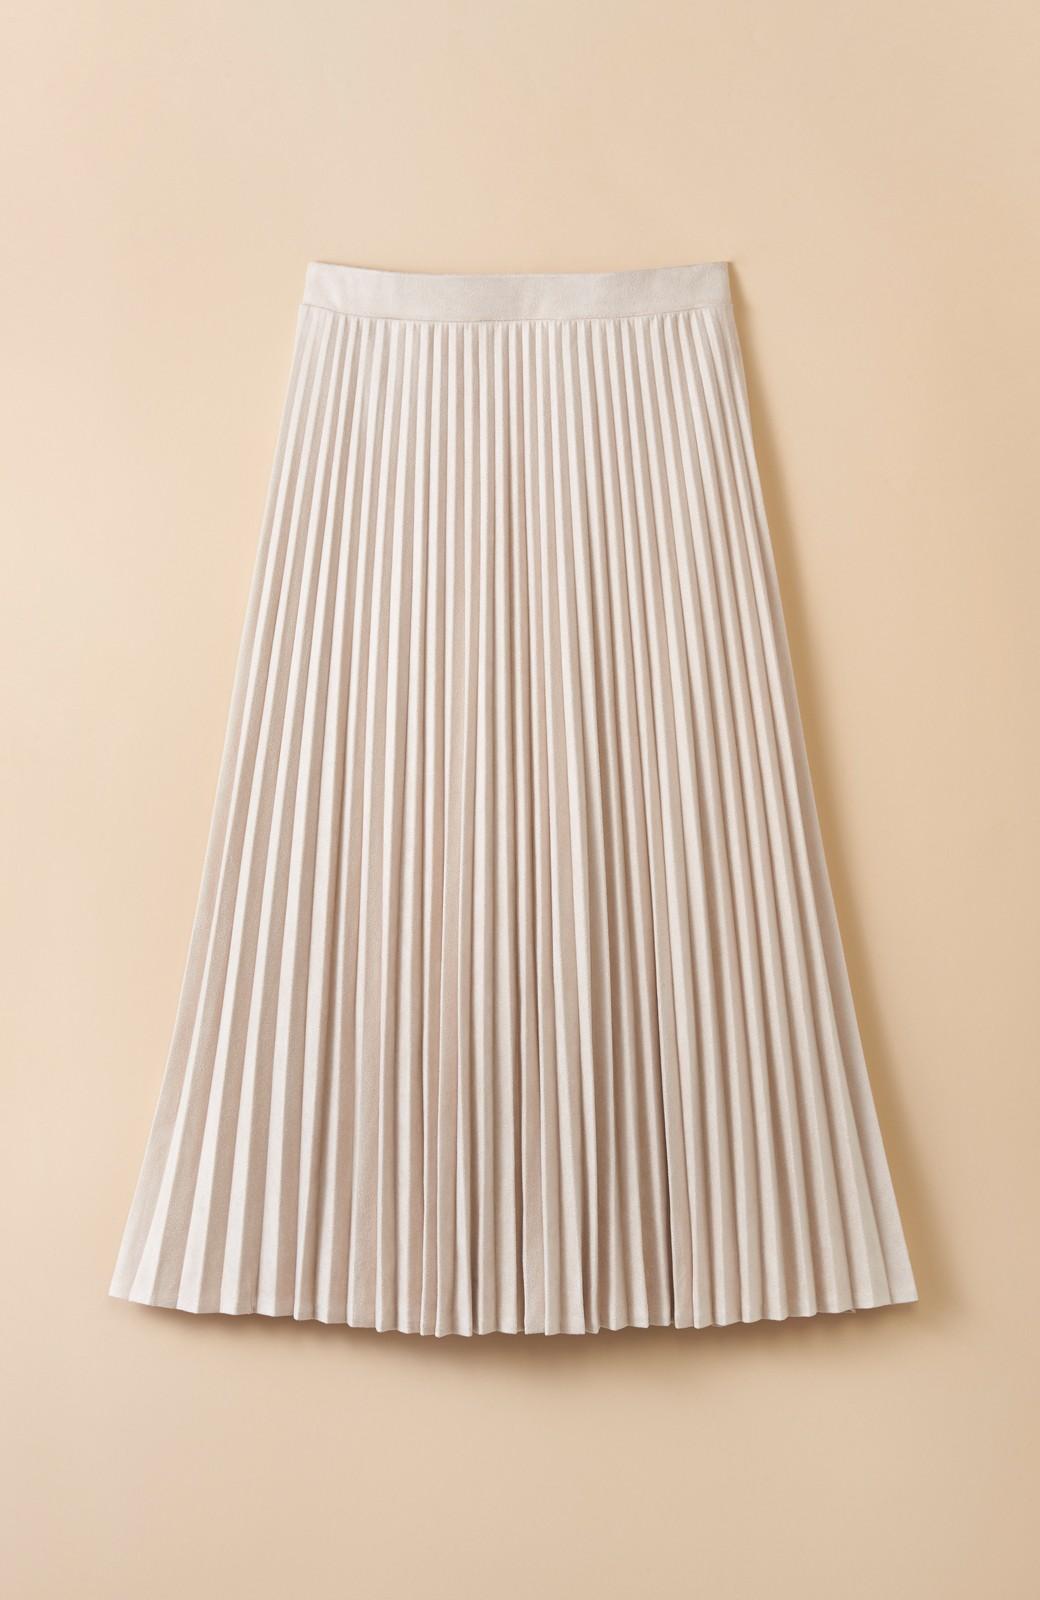 haco! 楽して女っぽい フェイクスエードのプリーツスカート  by que made me <ライトベージュ>の商品写真1